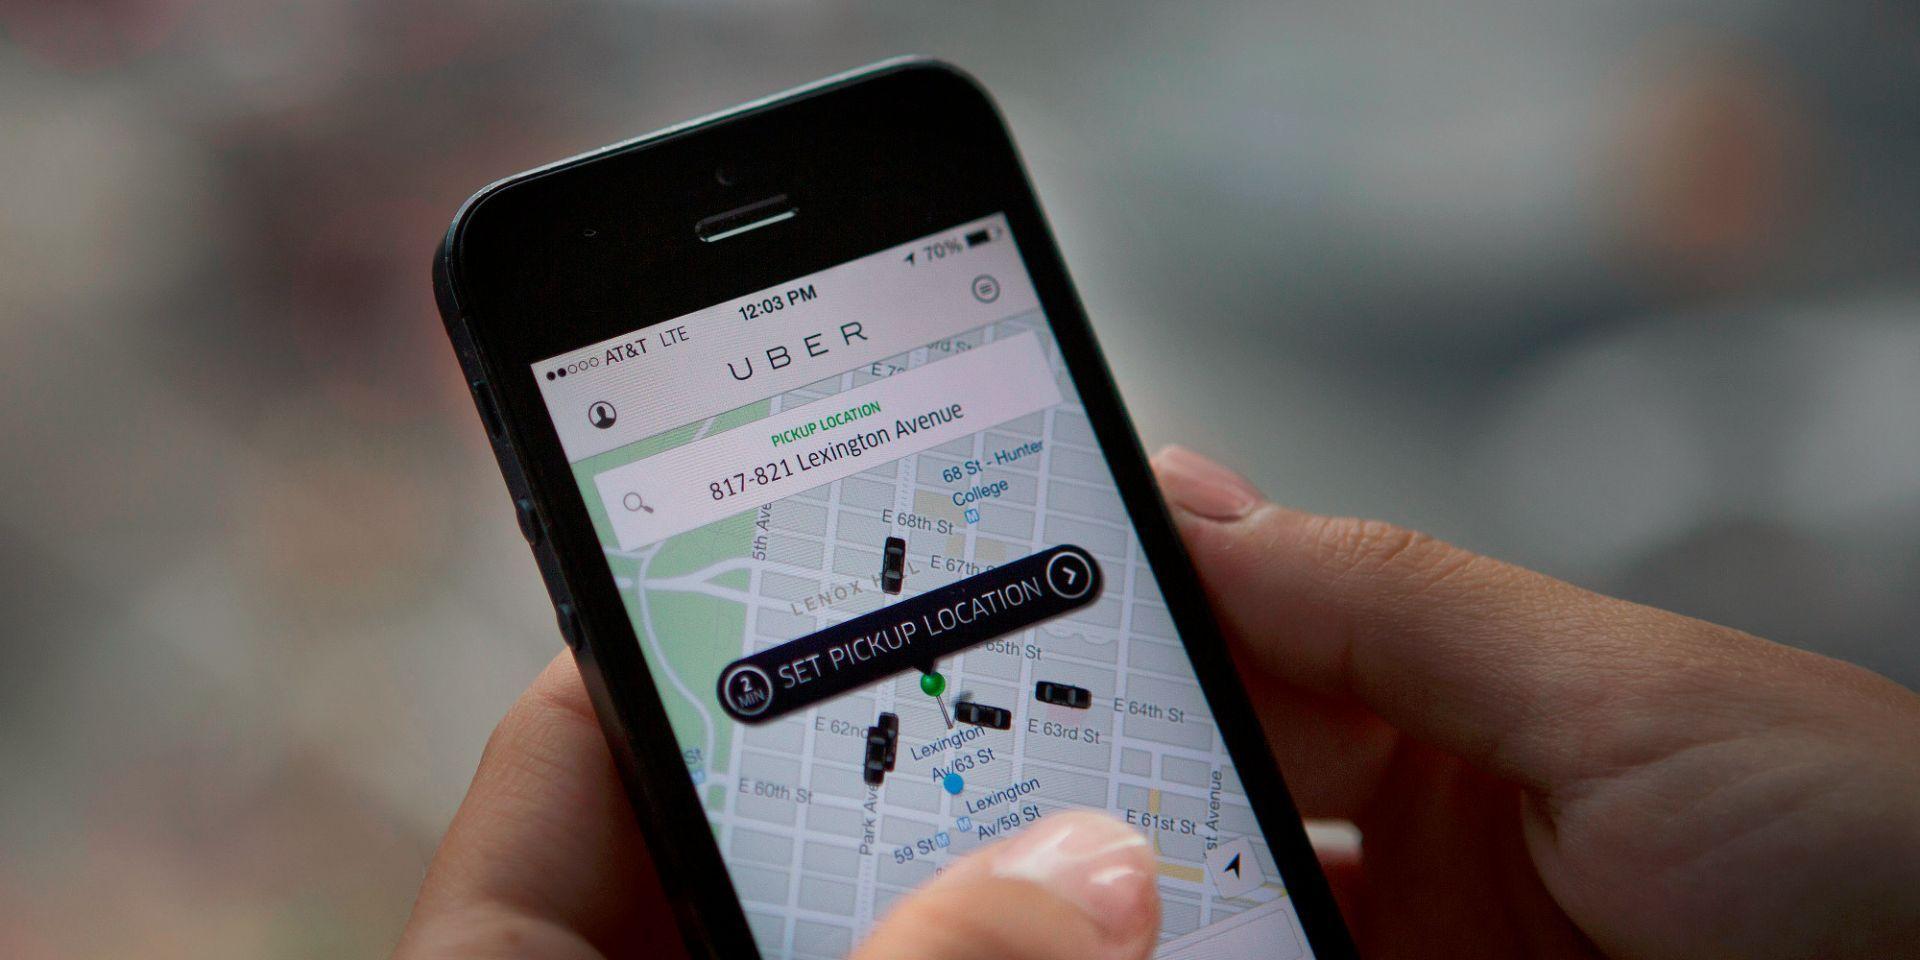 Uber publica un mensaje sexista instando a dejar a las mujeres salir de la cocina por un día